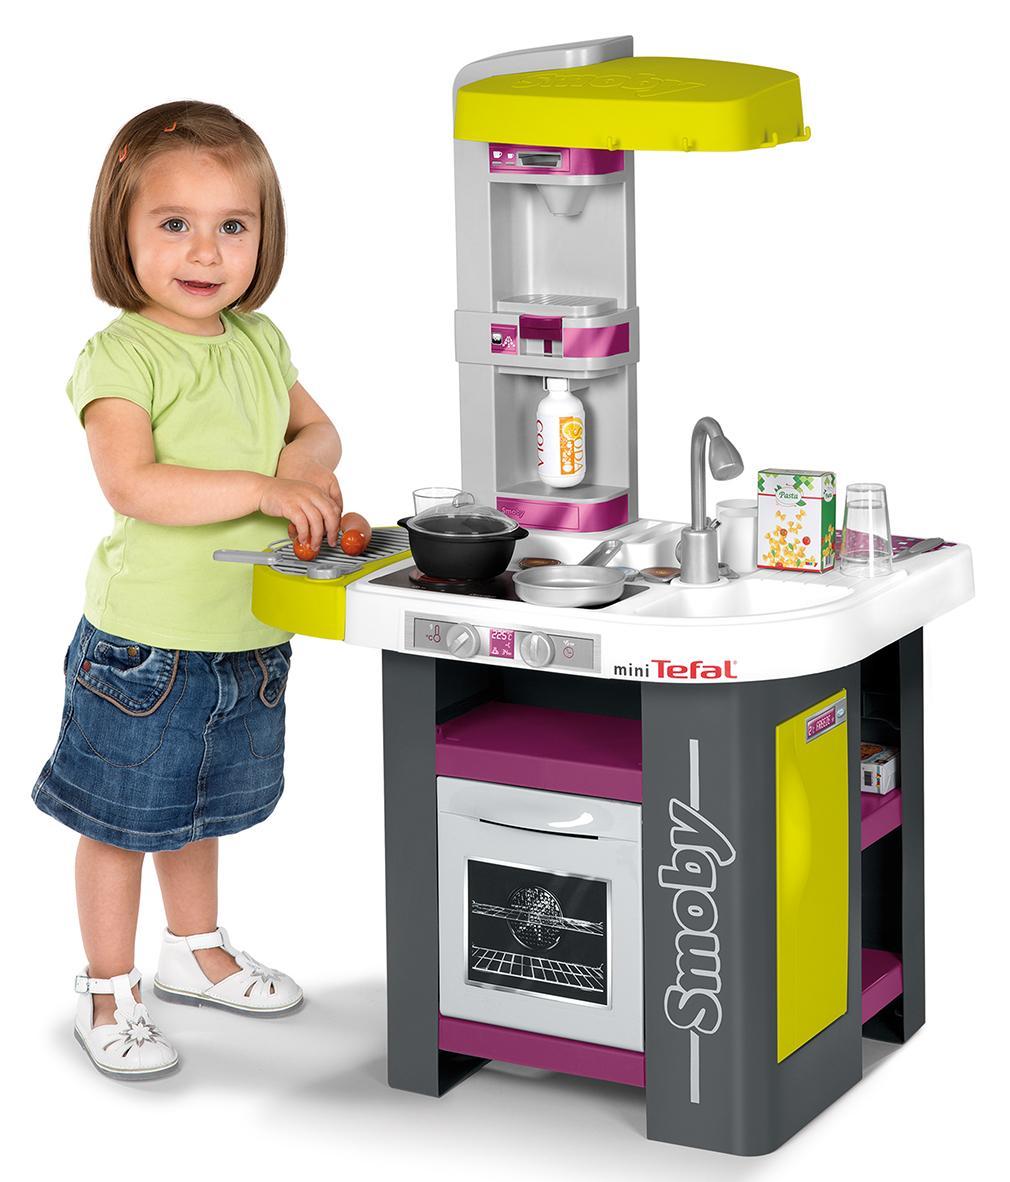 smoby 024128 jeu d 39 imitation tefal cuisine studio barbecue jeux et jouets. Black Bedroom Furniture Sets. Home Design Ideas